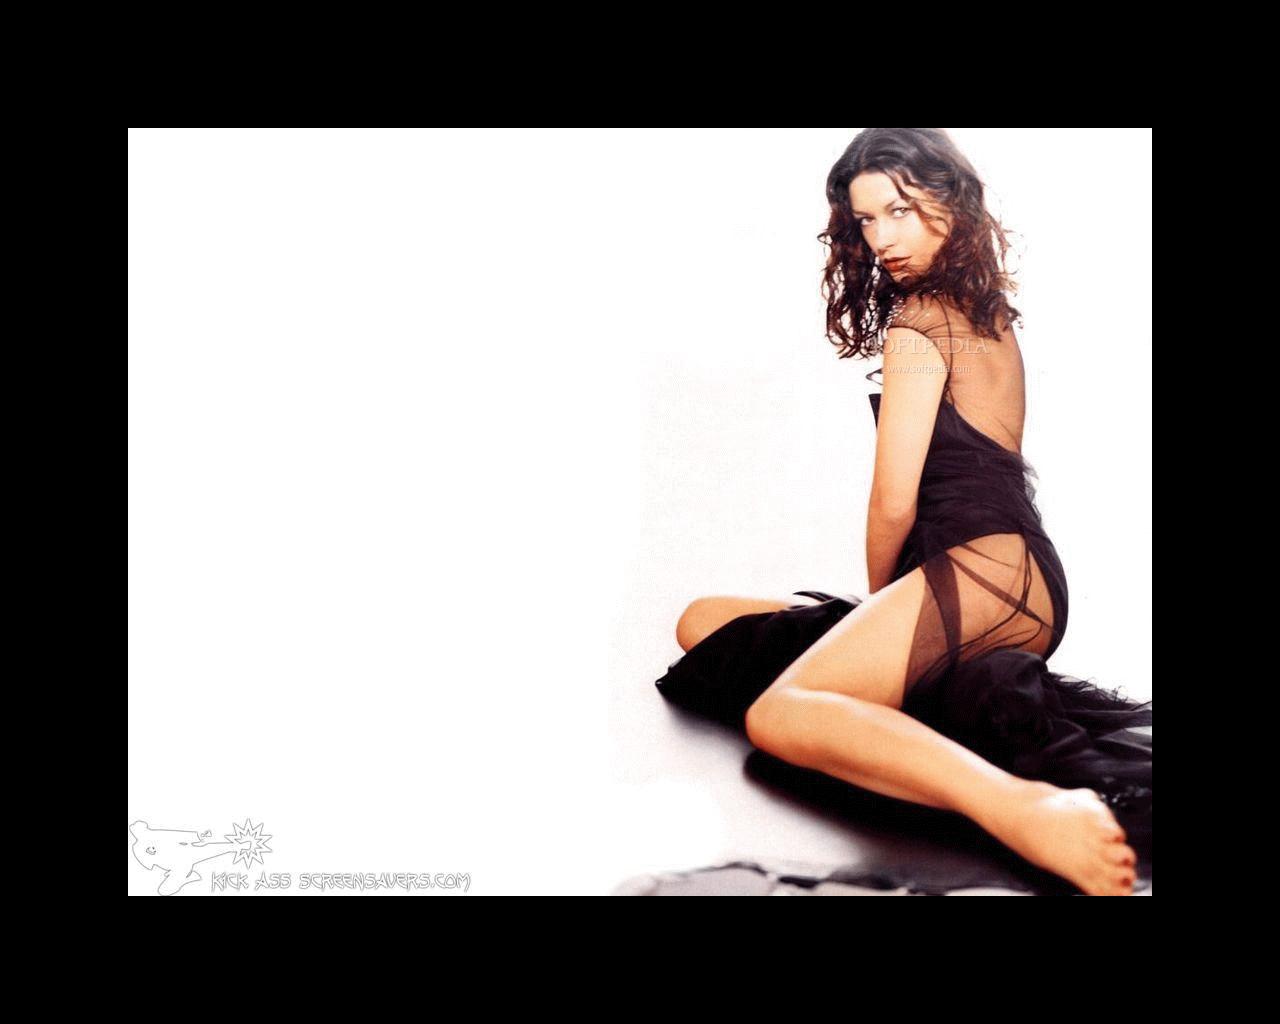 kathryn zeta jones Catherine-Zeta-Jones-Screensaver2_1